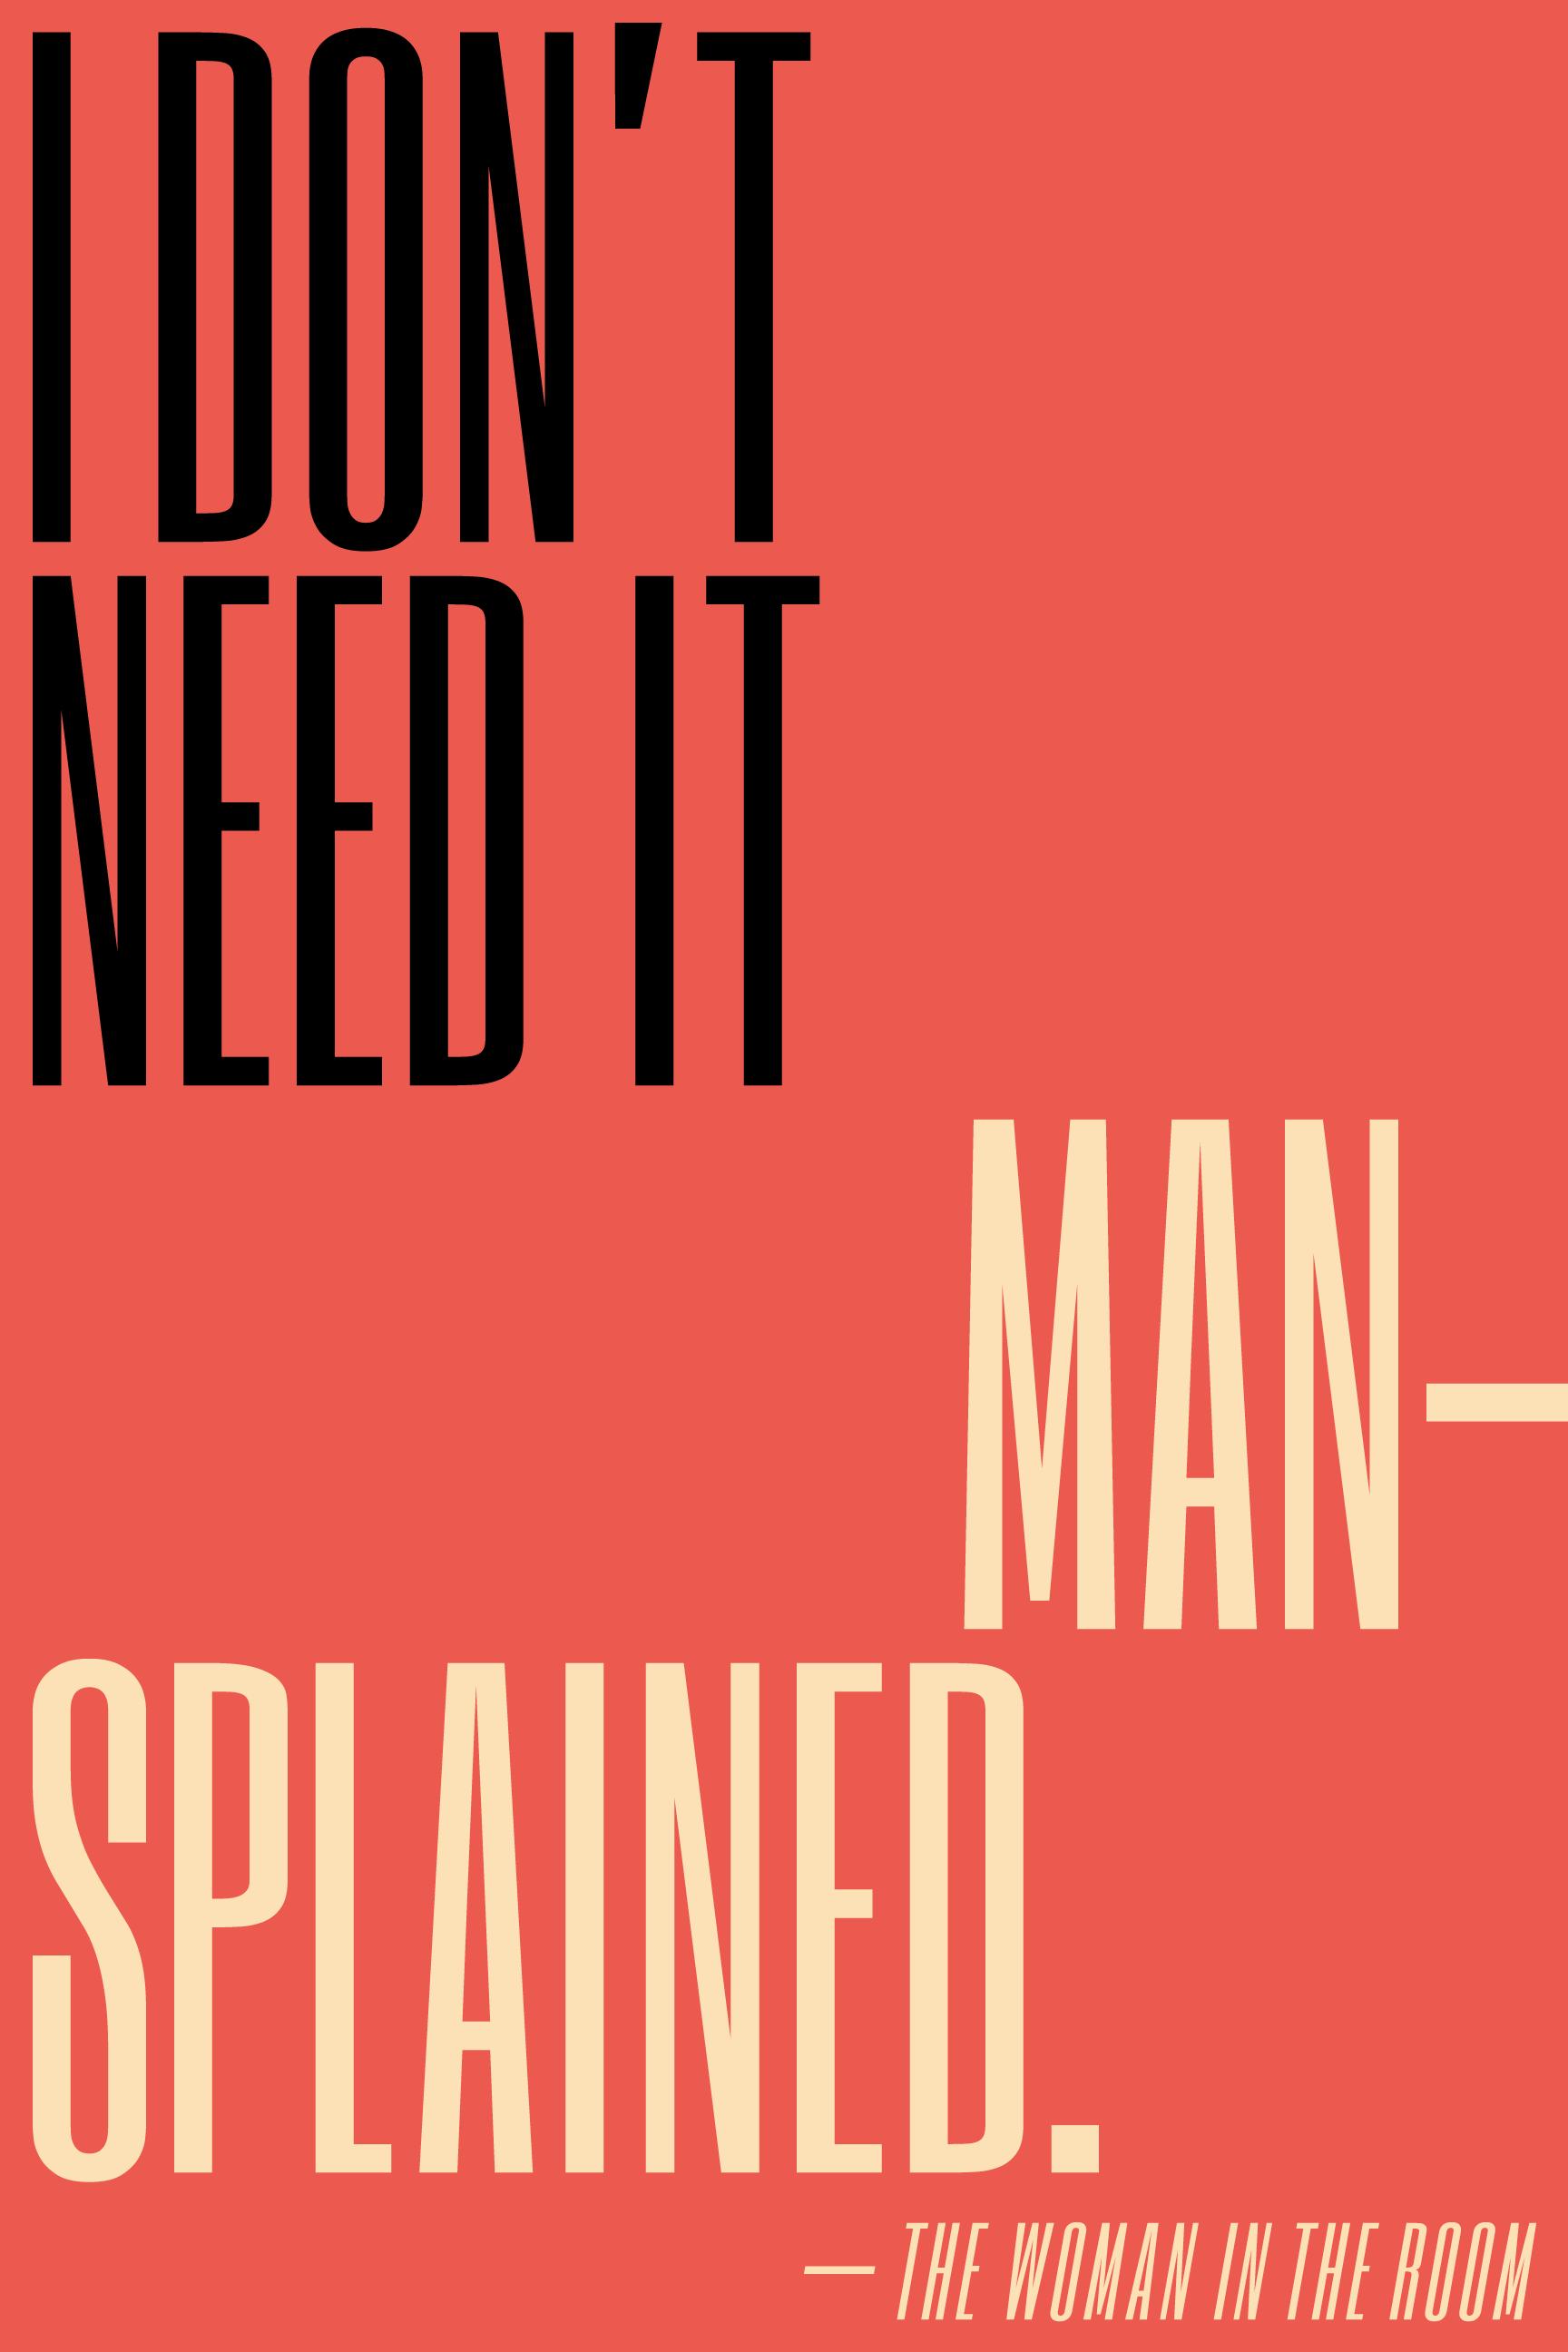 I don't need it mansplained.